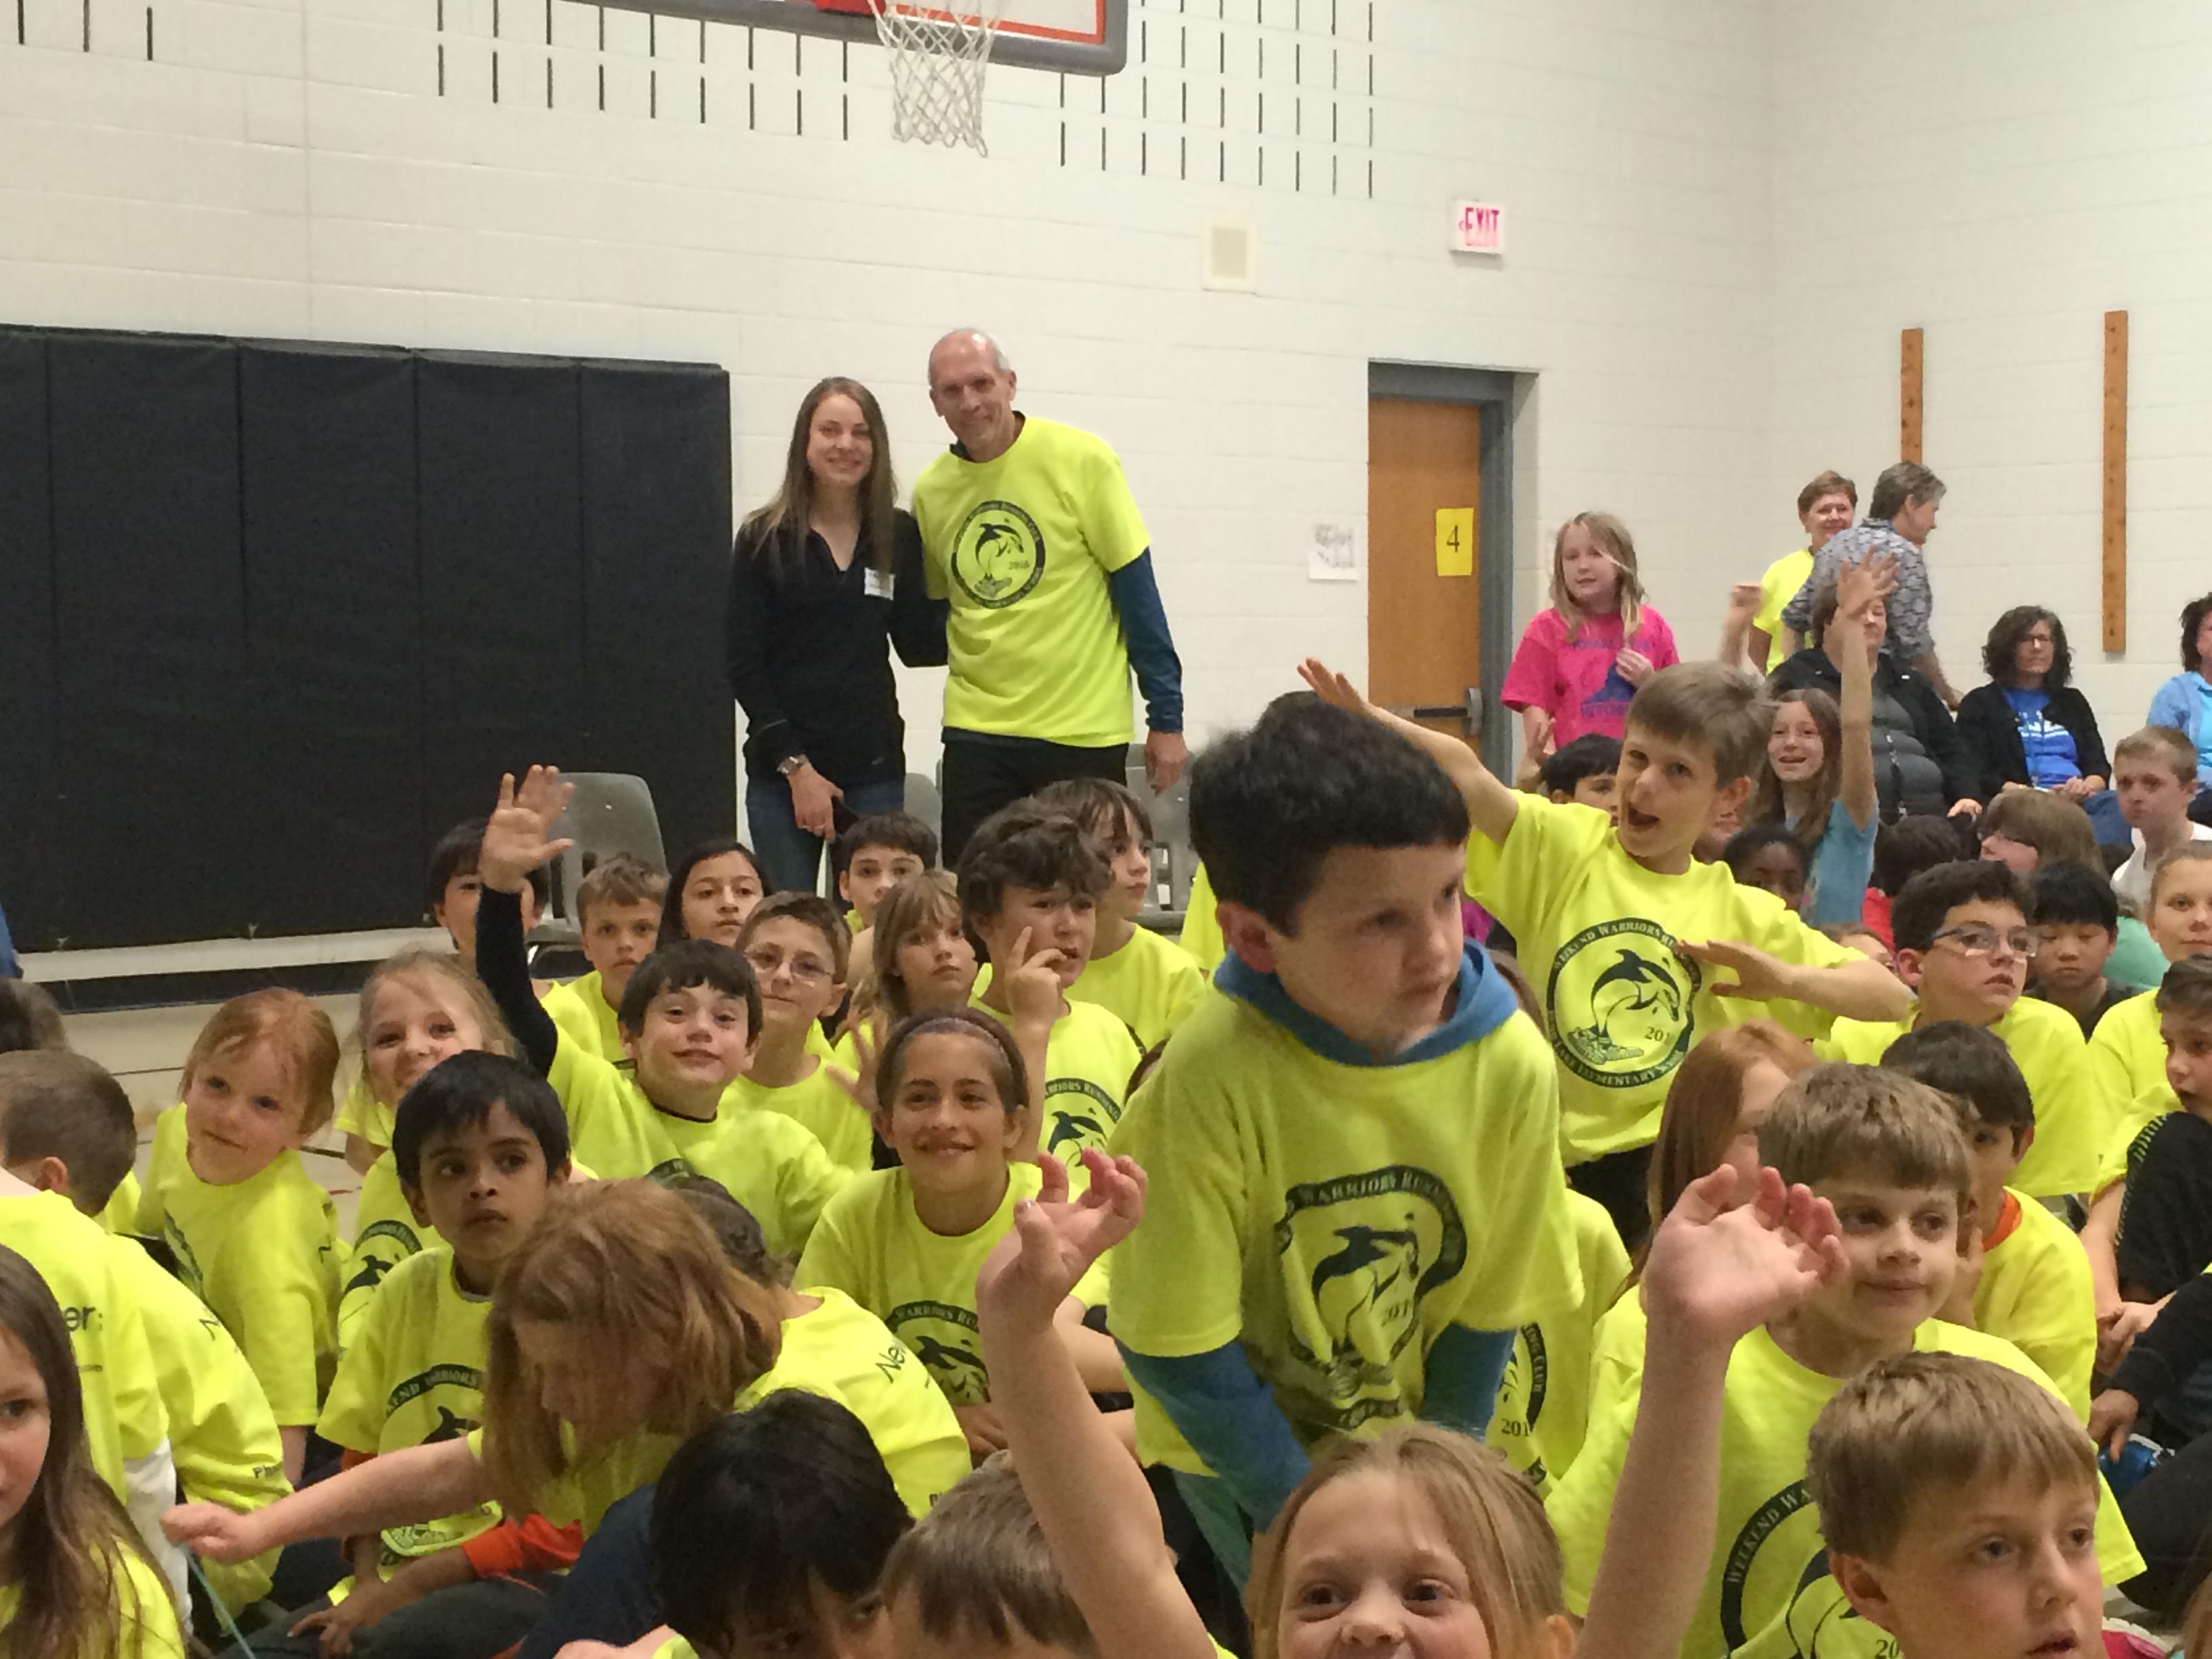 z-Echo Lake Elementary running club Visit1-Bethany Sachtleben-Bart Yasso5